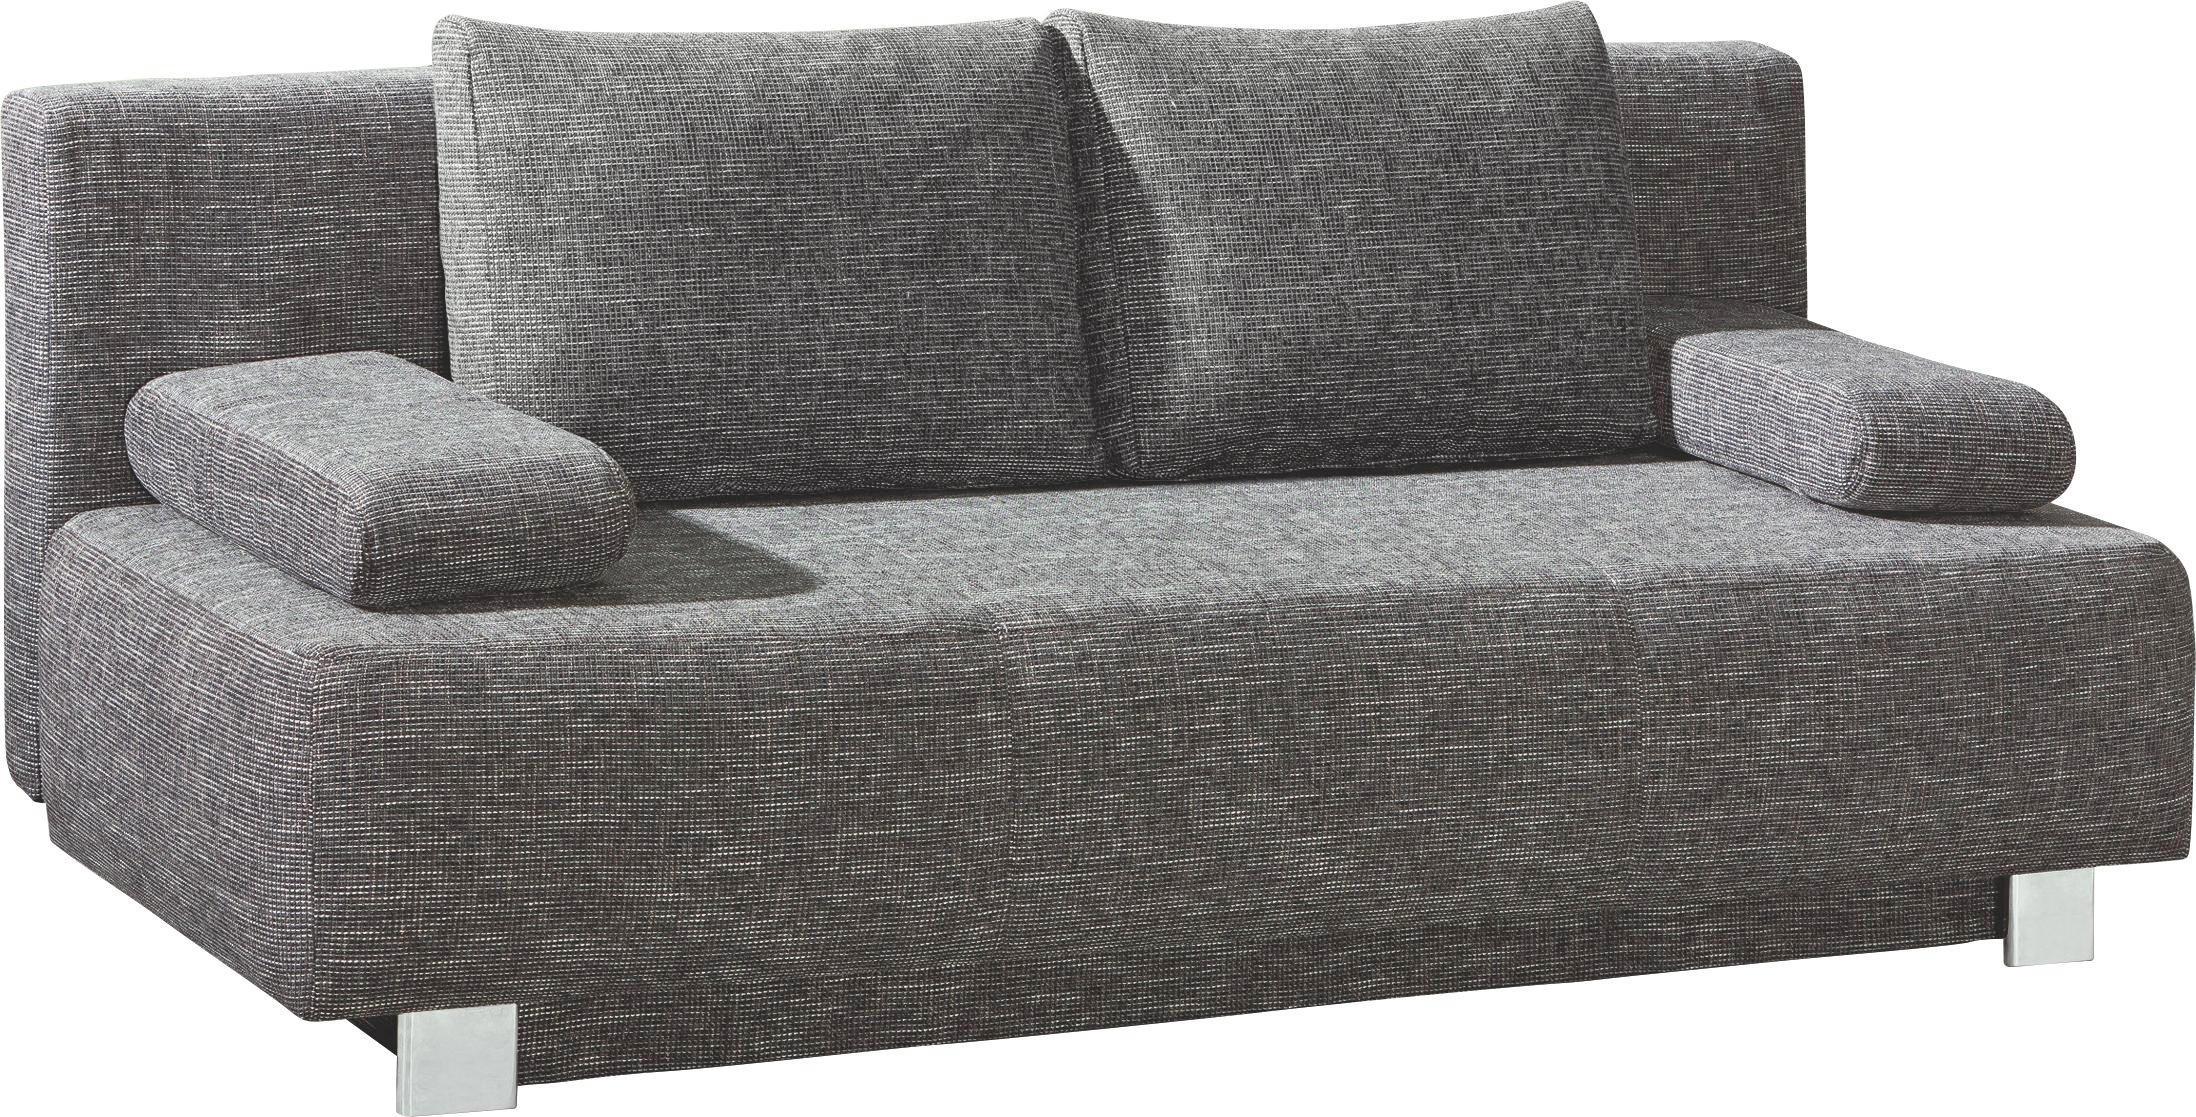 schlafsofas online entdecken xxxlutz xxxlshop - Eckschlafsofa Die Praktischen Sofa Fur Ihren Komfort